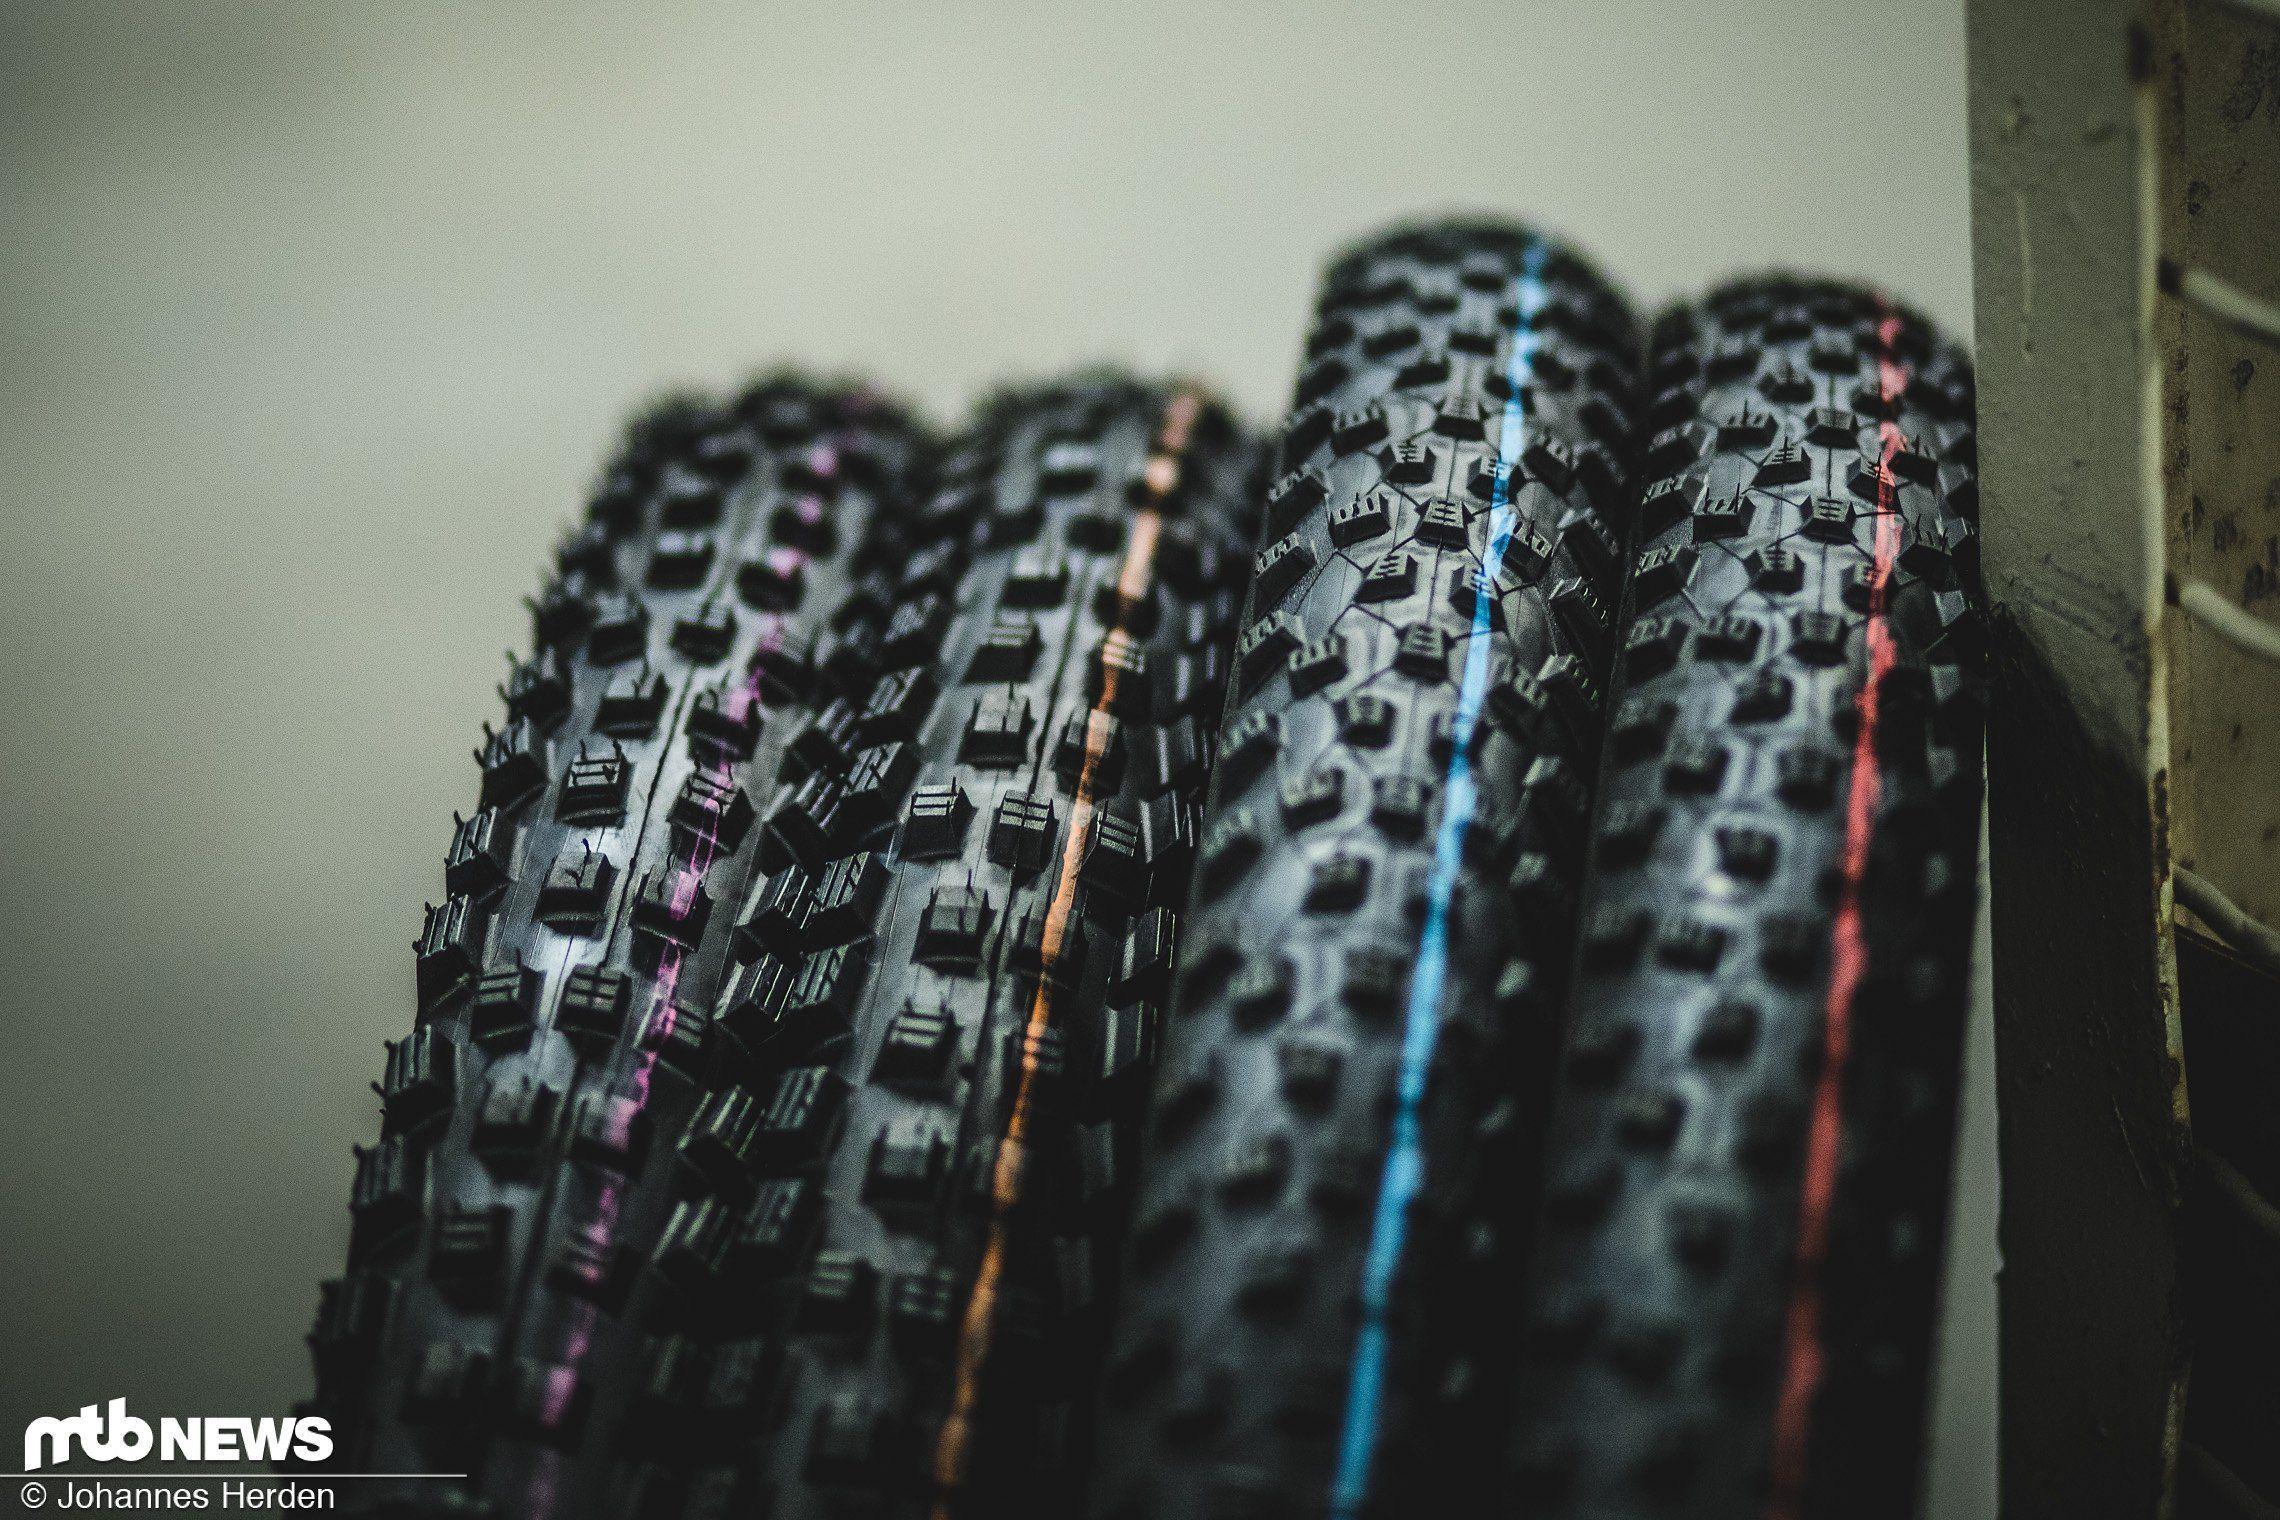 4 Compounds für ein Halleluja: Mit Addix präsentiert Schwalbe vier neue Gummimischungen, die die Performance der Reifen deutlich verbessern